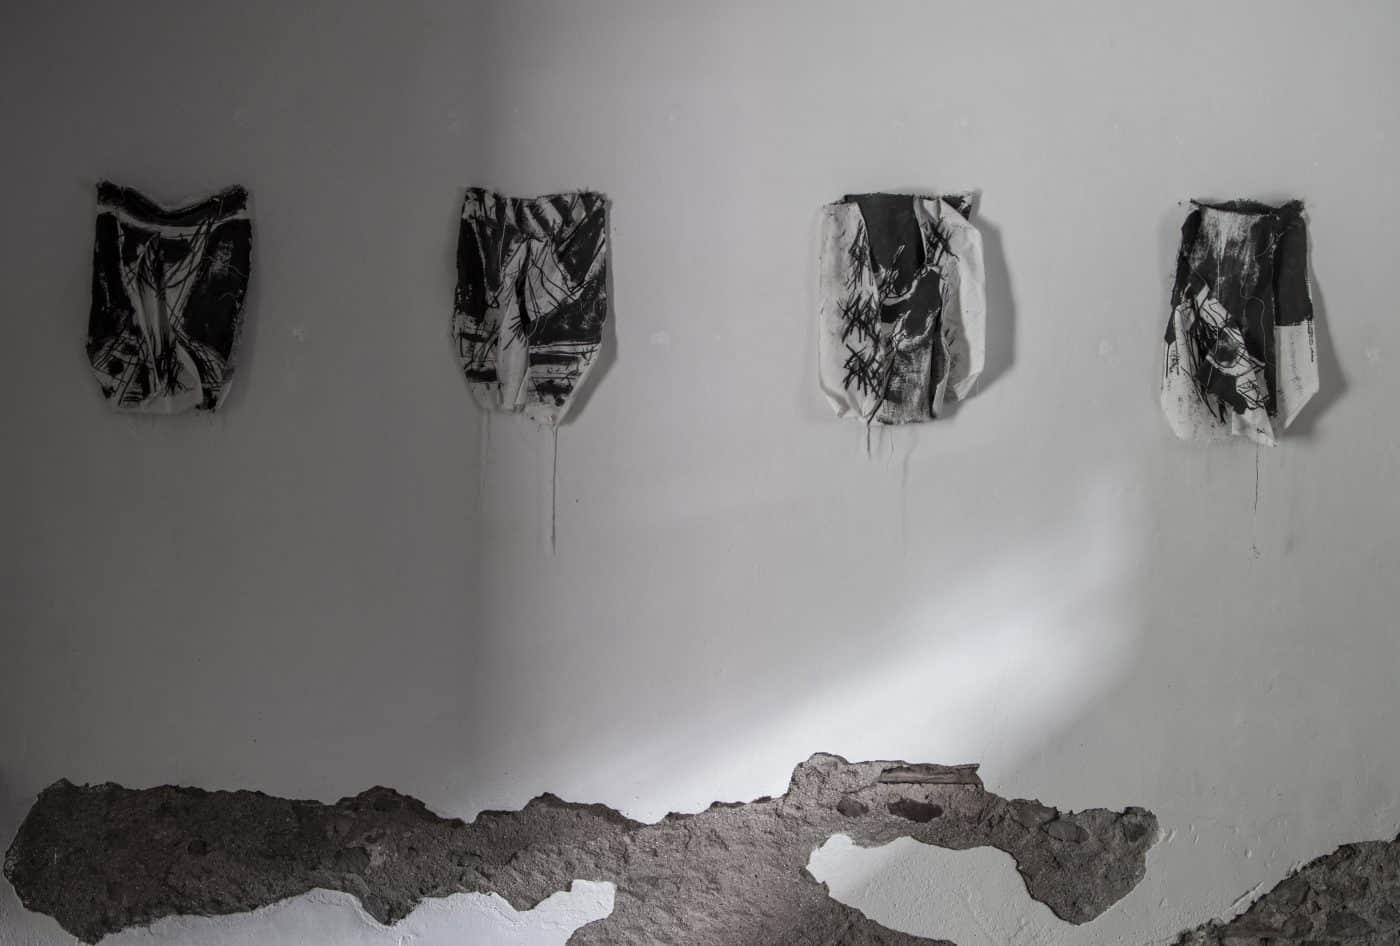 Zorromono desembarca en EspacioArteVACA en Viniegra de Abajo con 'Fragmentos rituales' 6